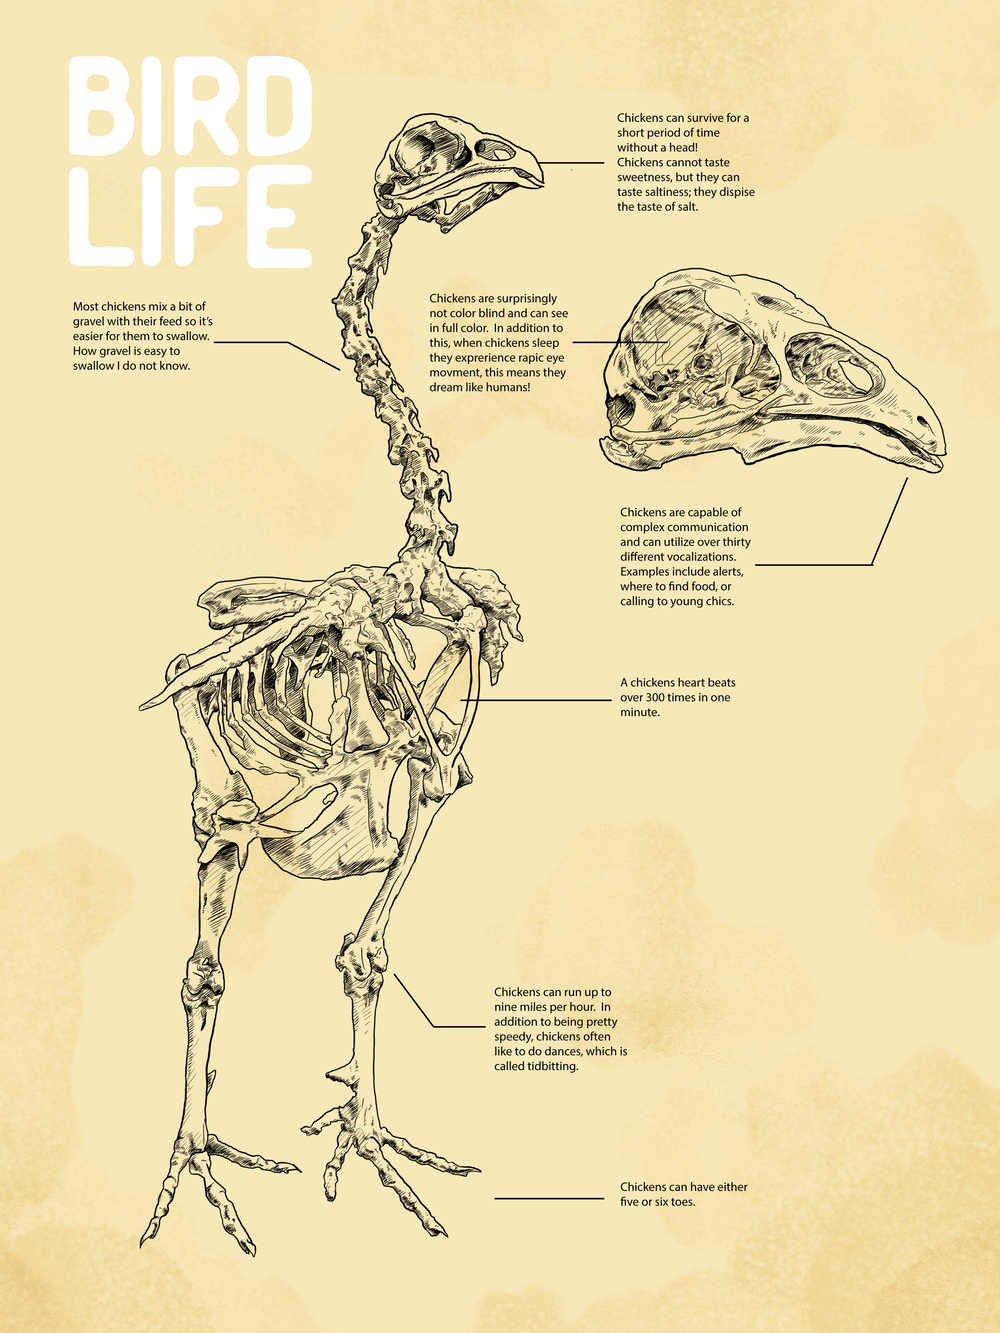 Bird Life Chicken Illustration